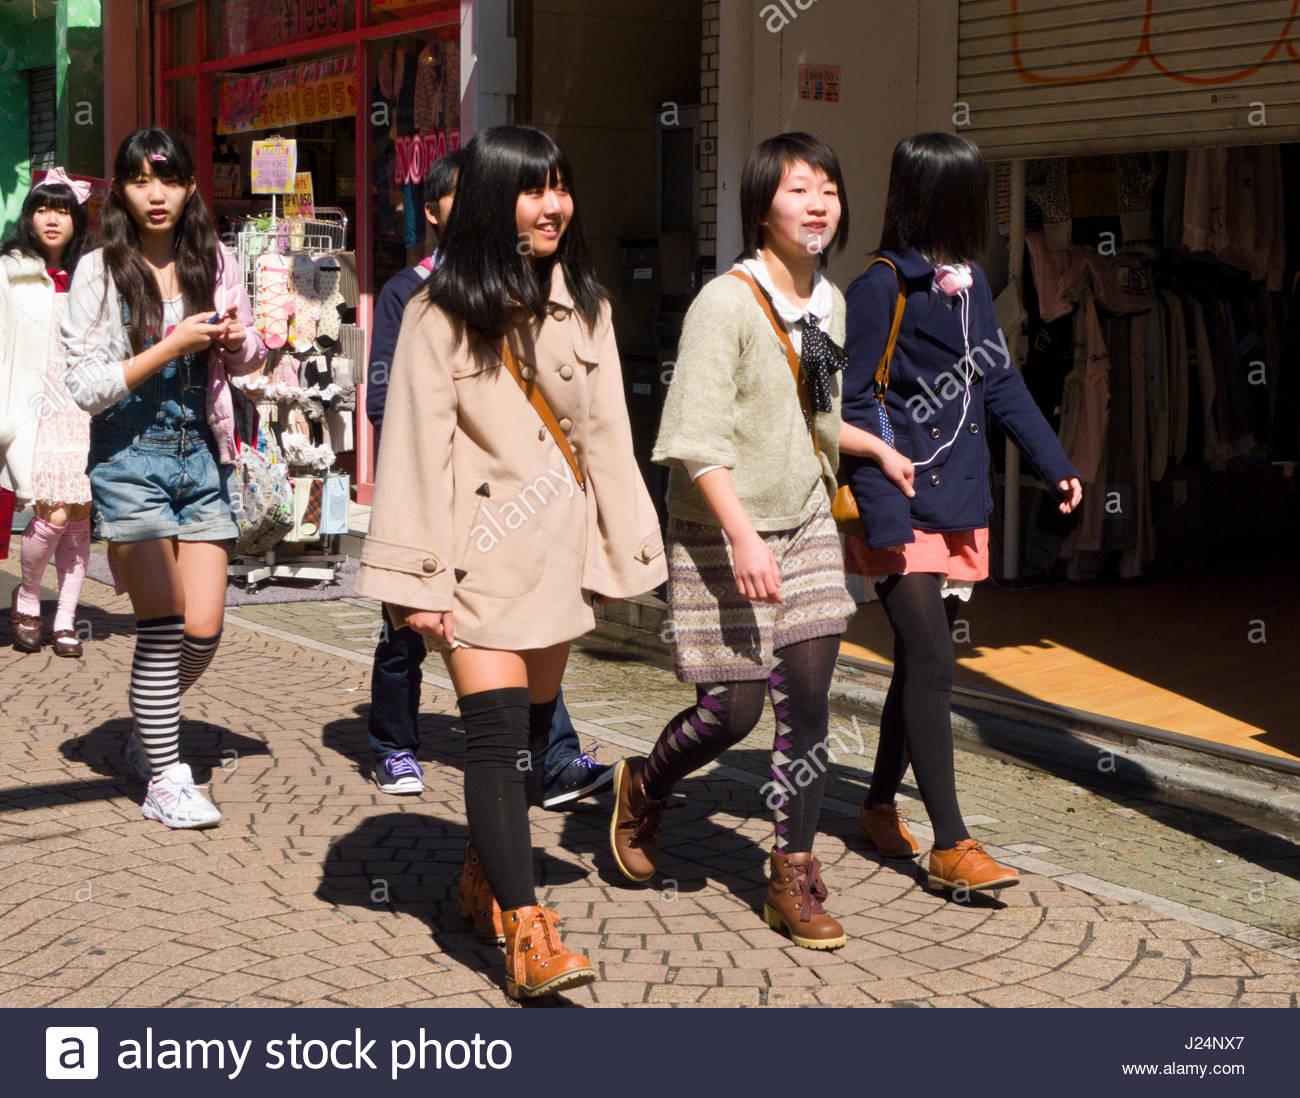 Vestidos chicas h&m